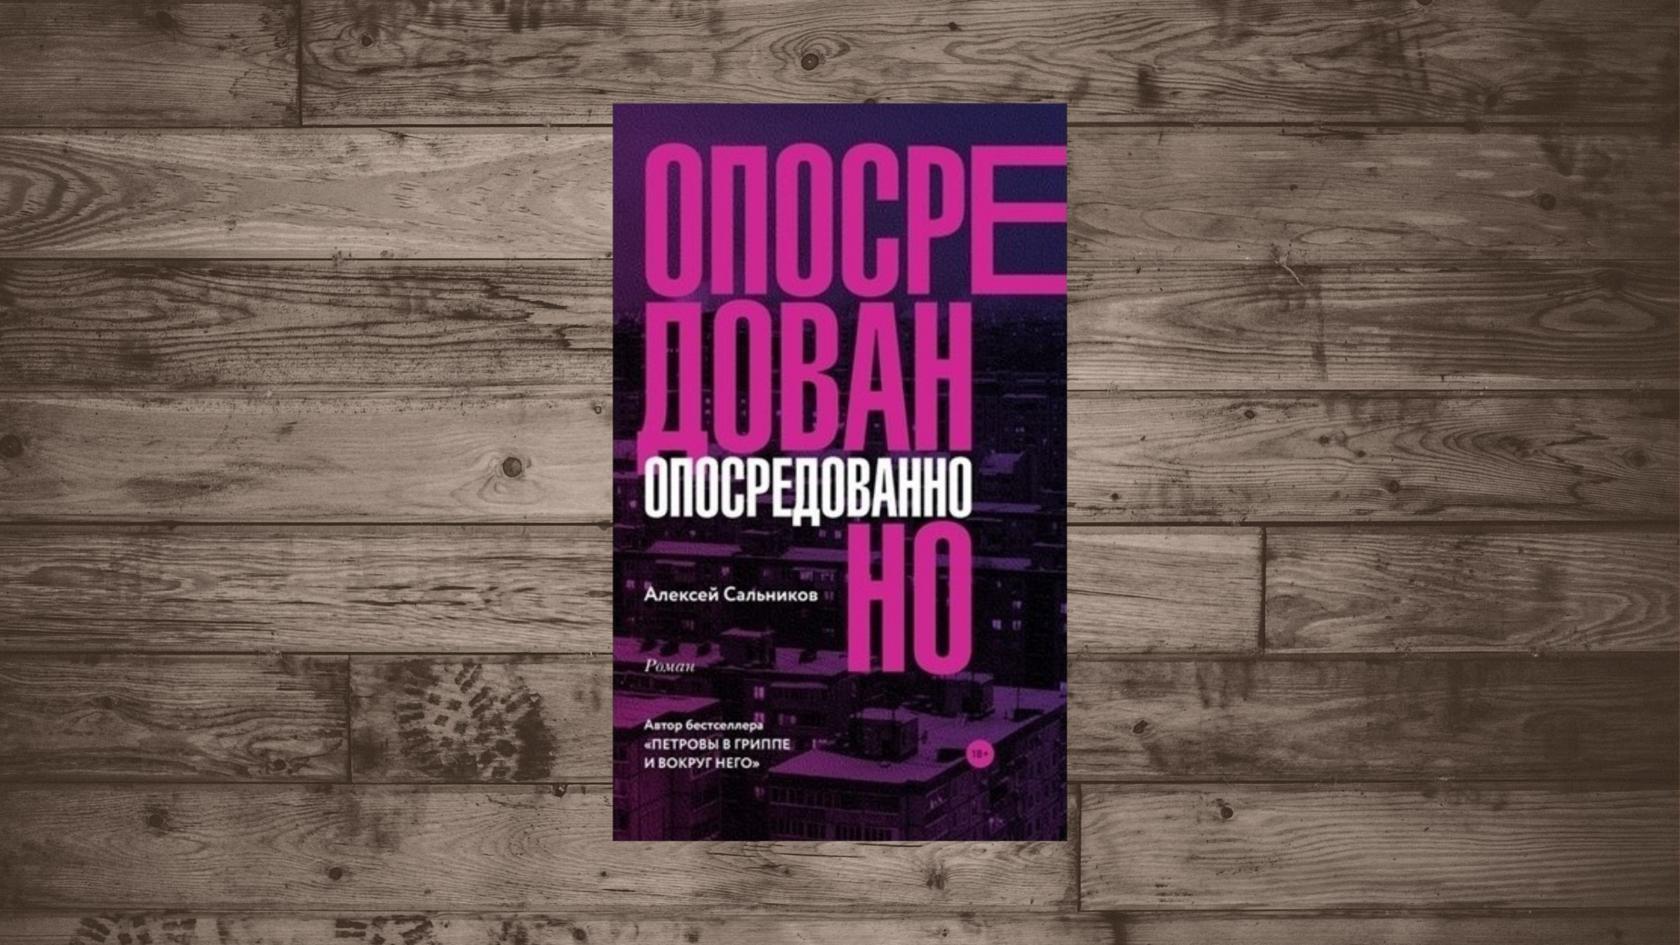 Купить книгу Опосредованно Алексей Сальников, АСТ, 978-5-17-113399-3